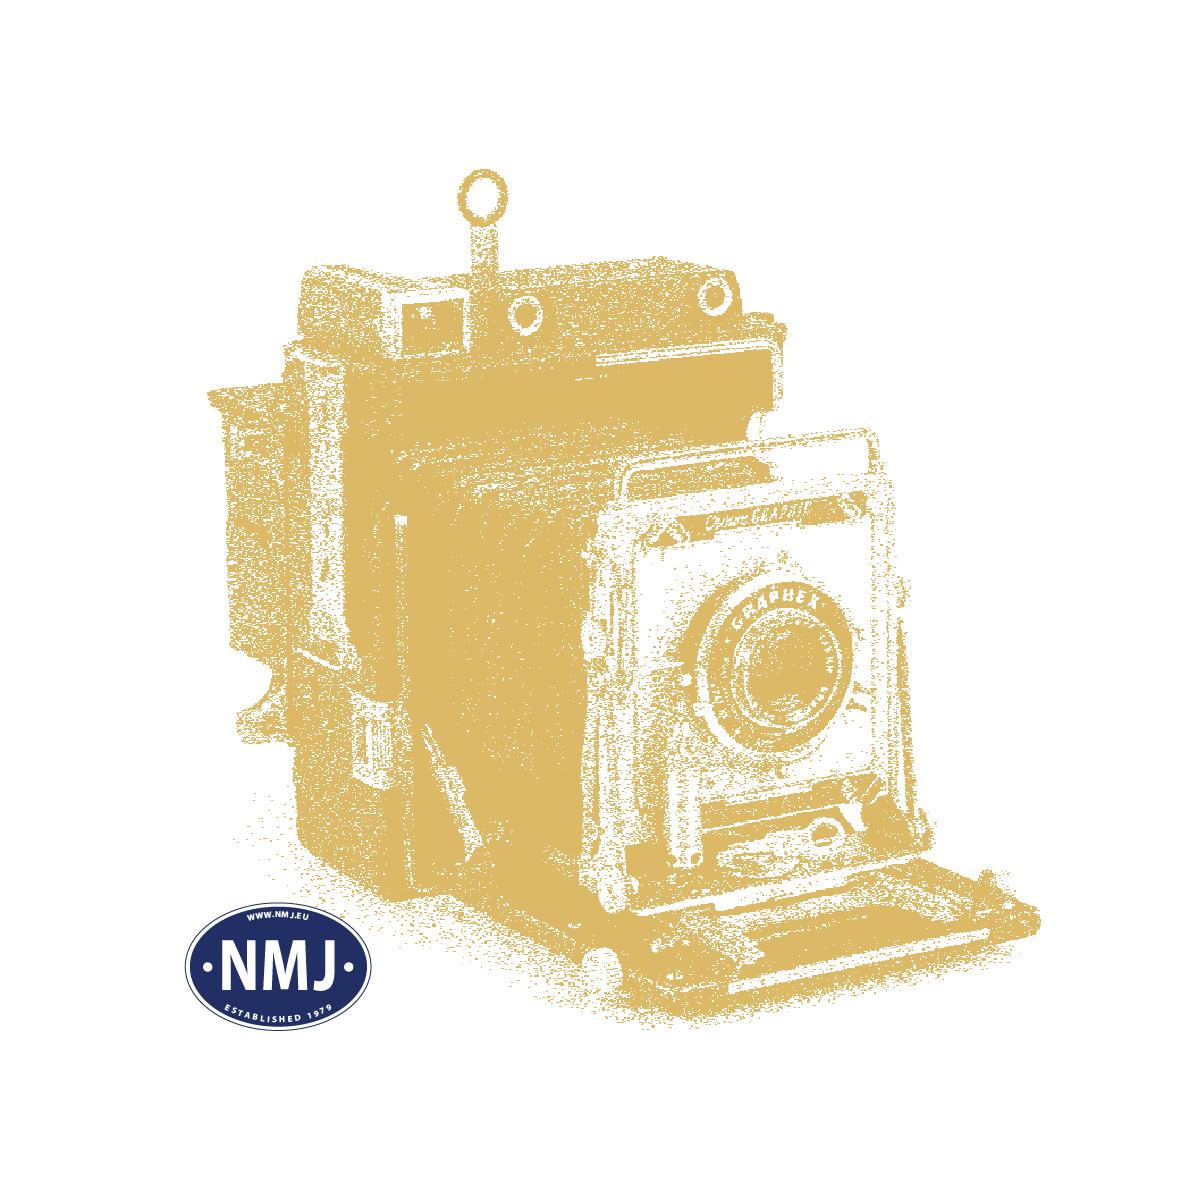 NMJT220.103 - NMJ Topline SJ Personvogn BCo7b 4462